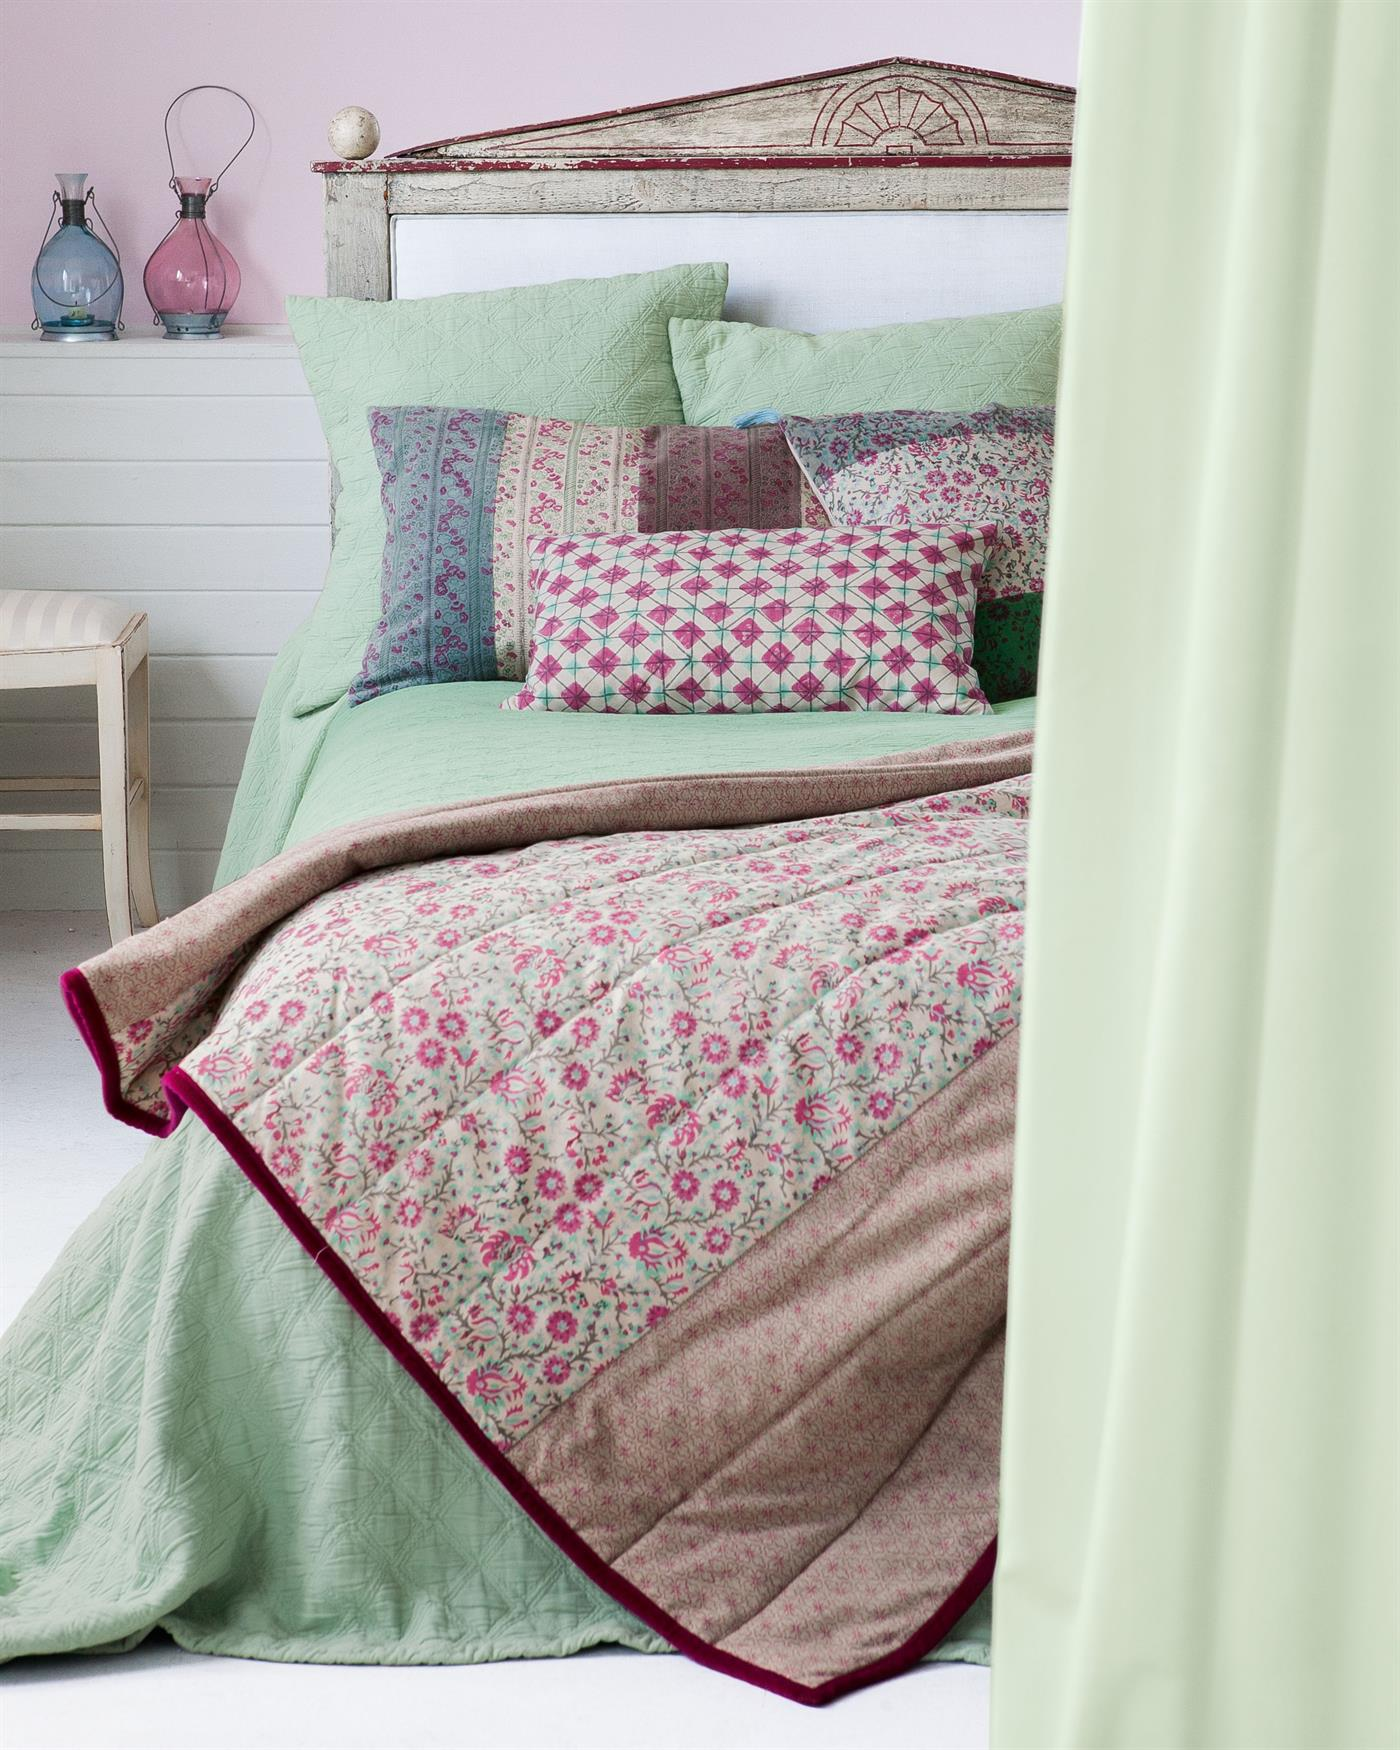 piquedecke waffelstruktur bestellen auf. Black Bedroom Furniture Sets. Home Design Ideas